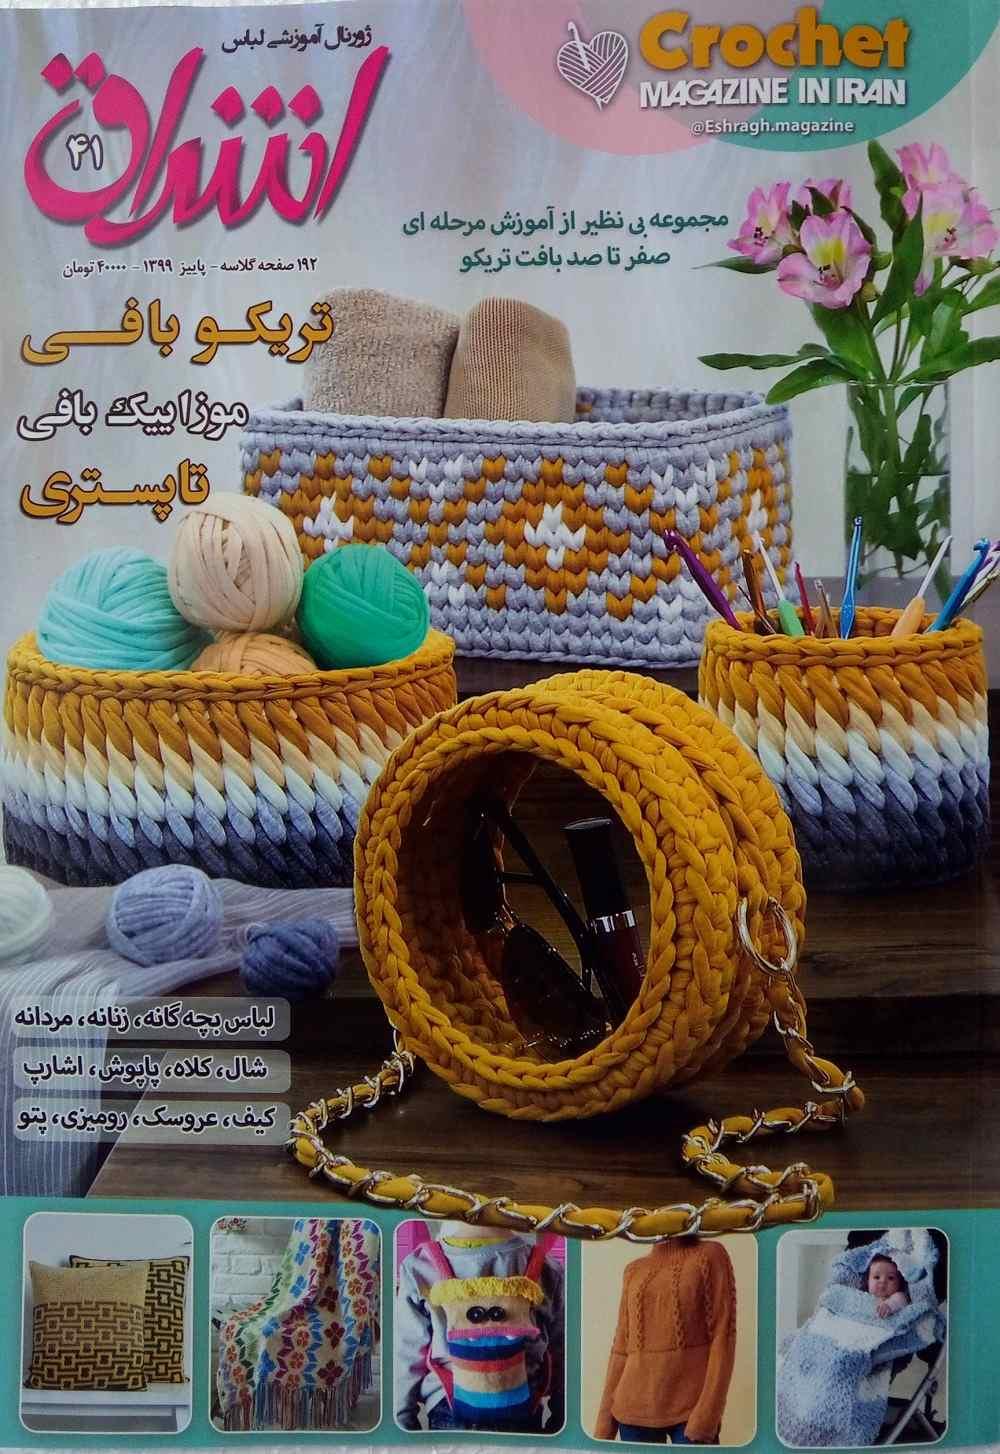 مجله بافت اشراق 41 در شهر کاموا